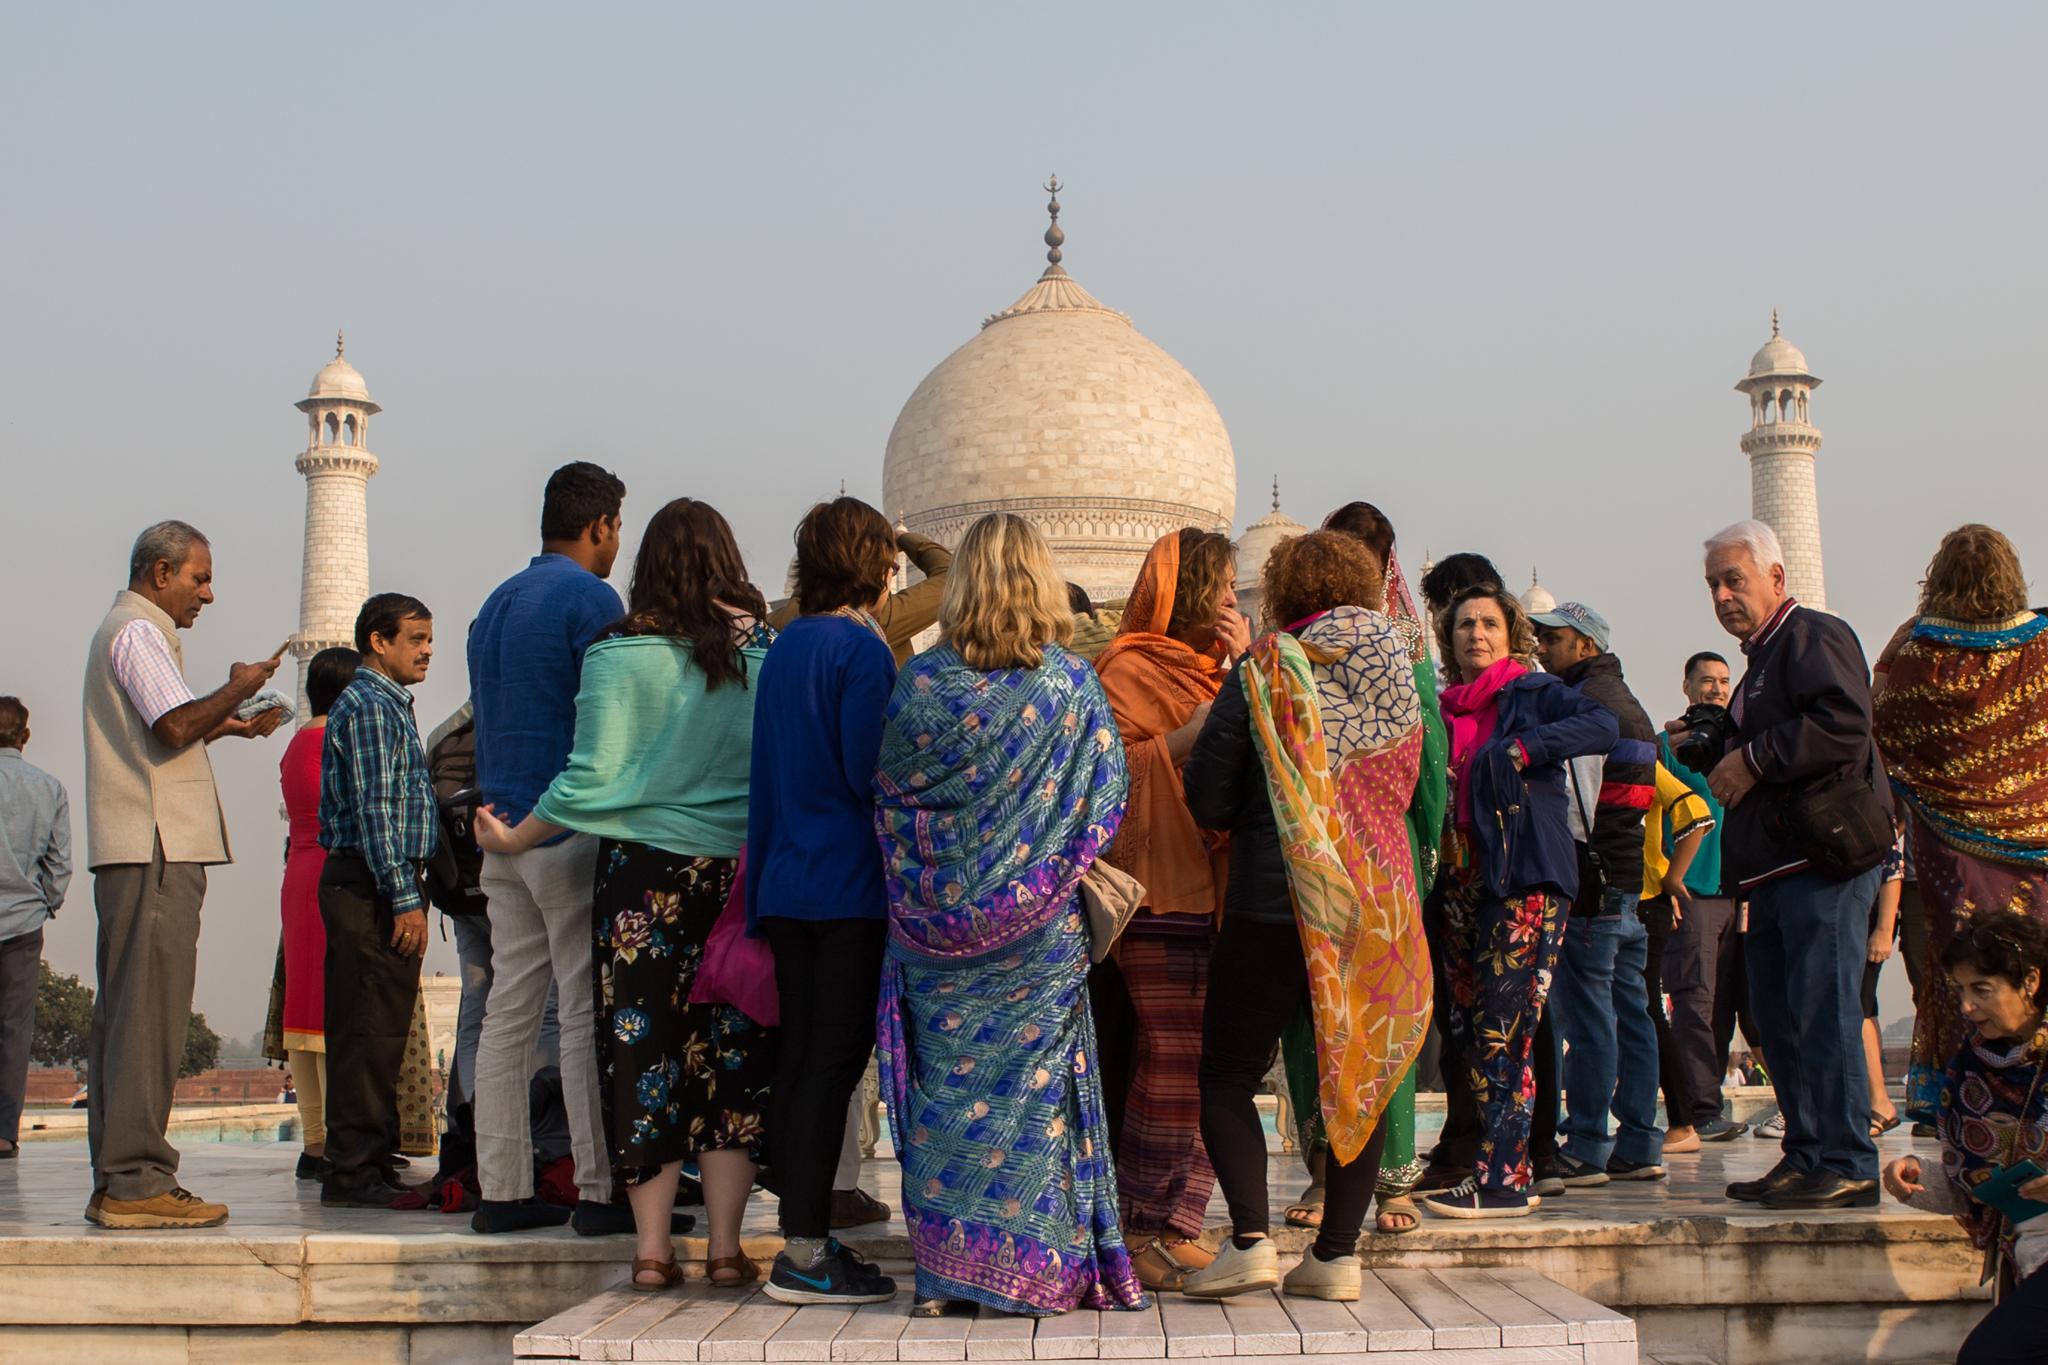 visite-inde-taj-mahal-foule